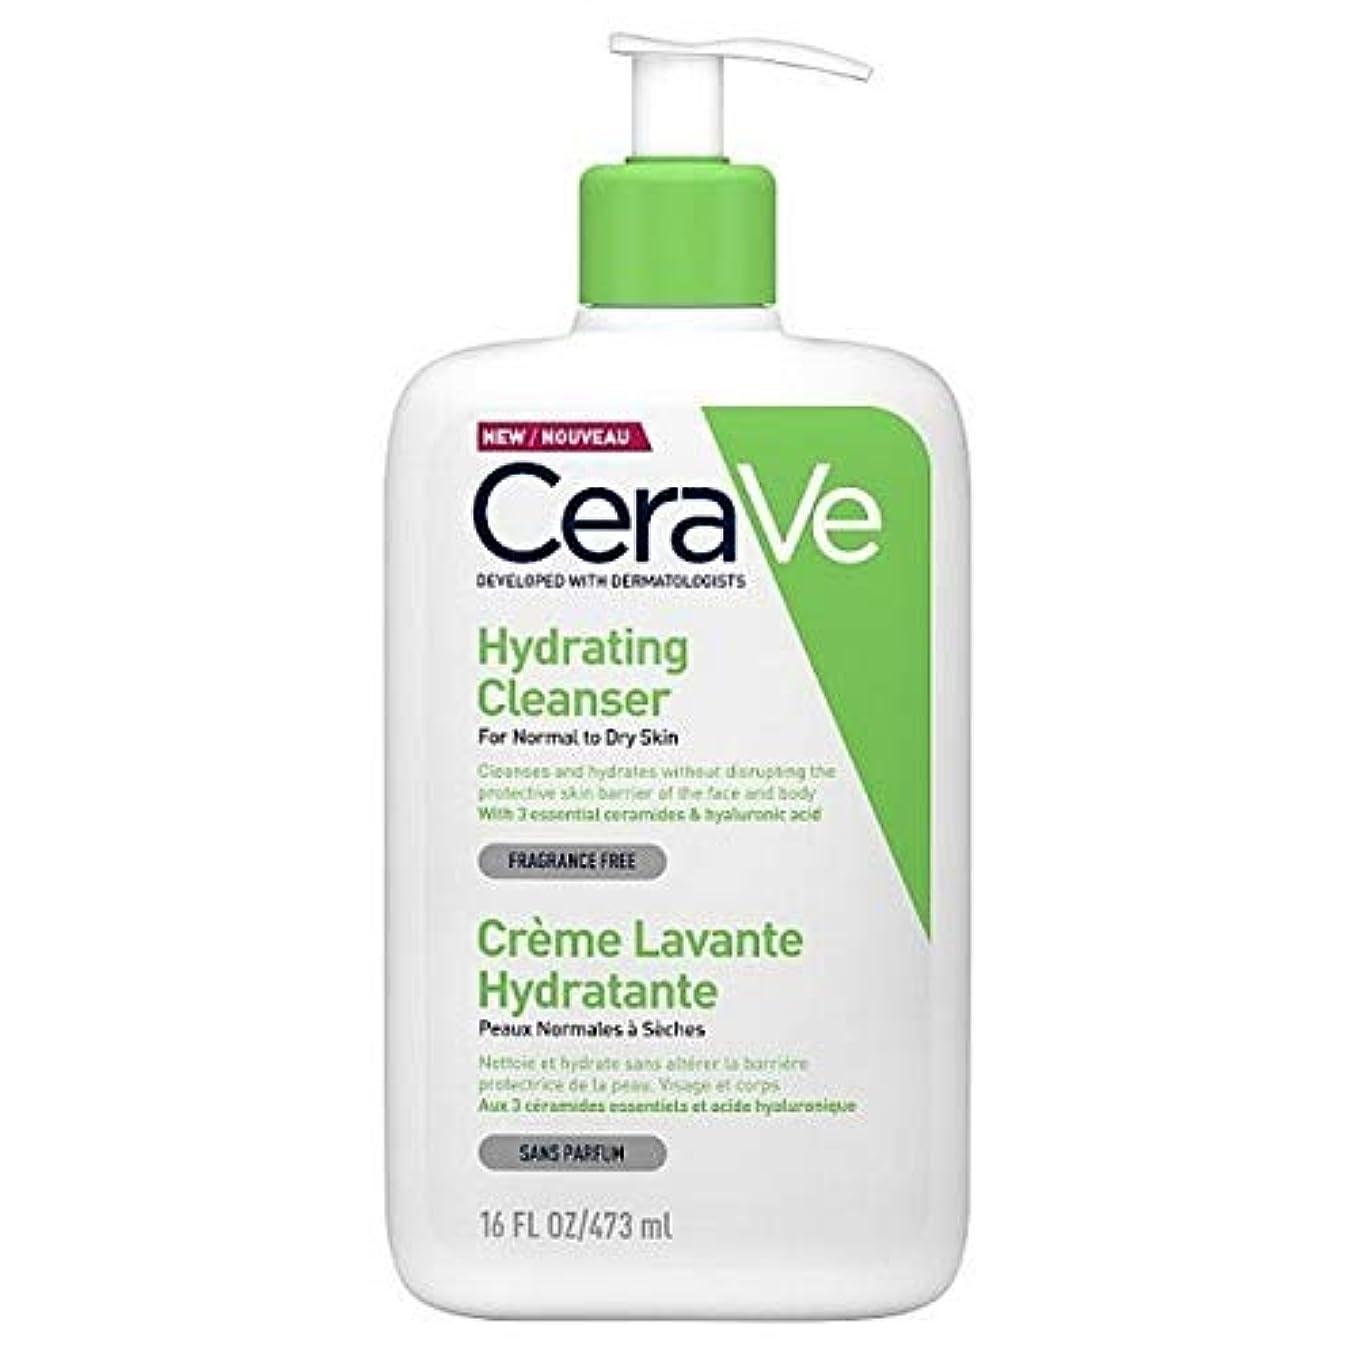 バブル遺棄されたライブ[CeraVe] Cerave水和クレンザー473ミリリットル - CeraVe Hydrating Cleanser 473ml [並行輸入品]